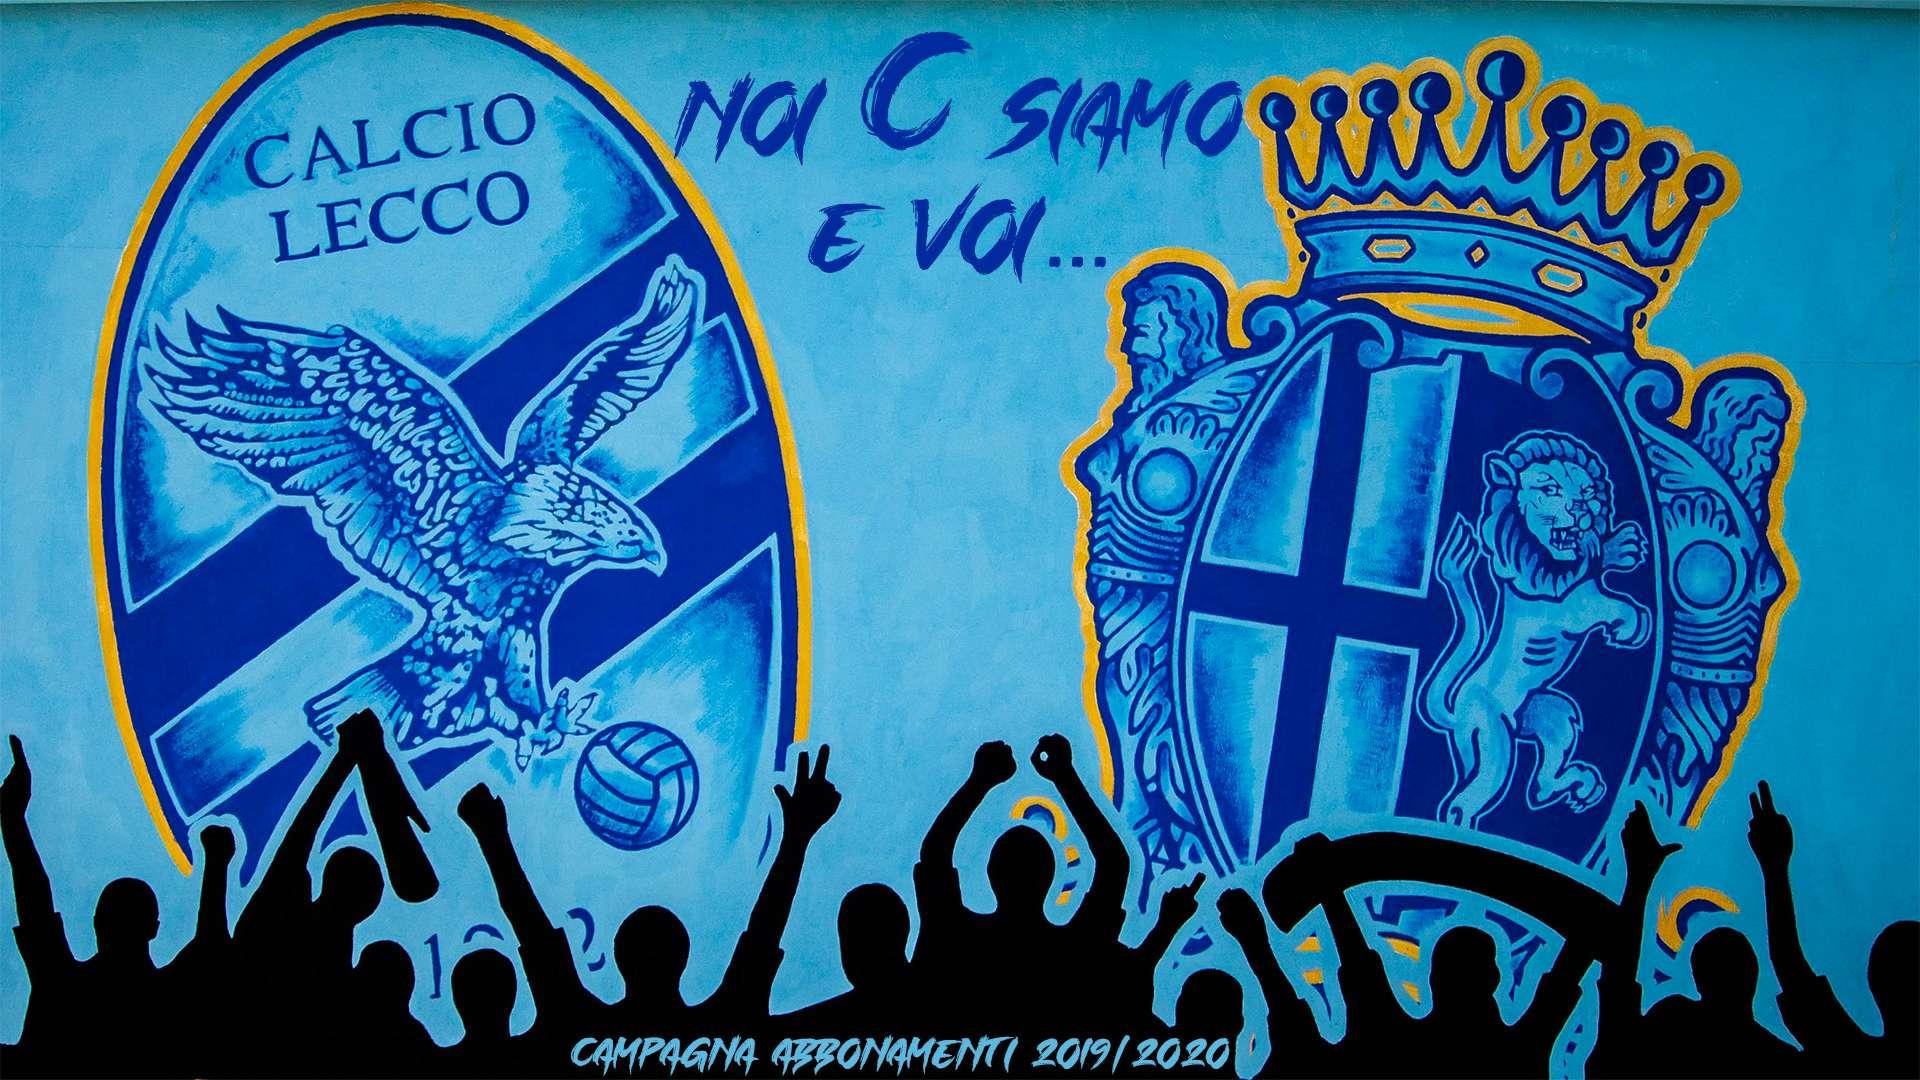 Noi C siamo e Voi Campagna Abbonamenti 2019/20 Calcio Lecco 1912